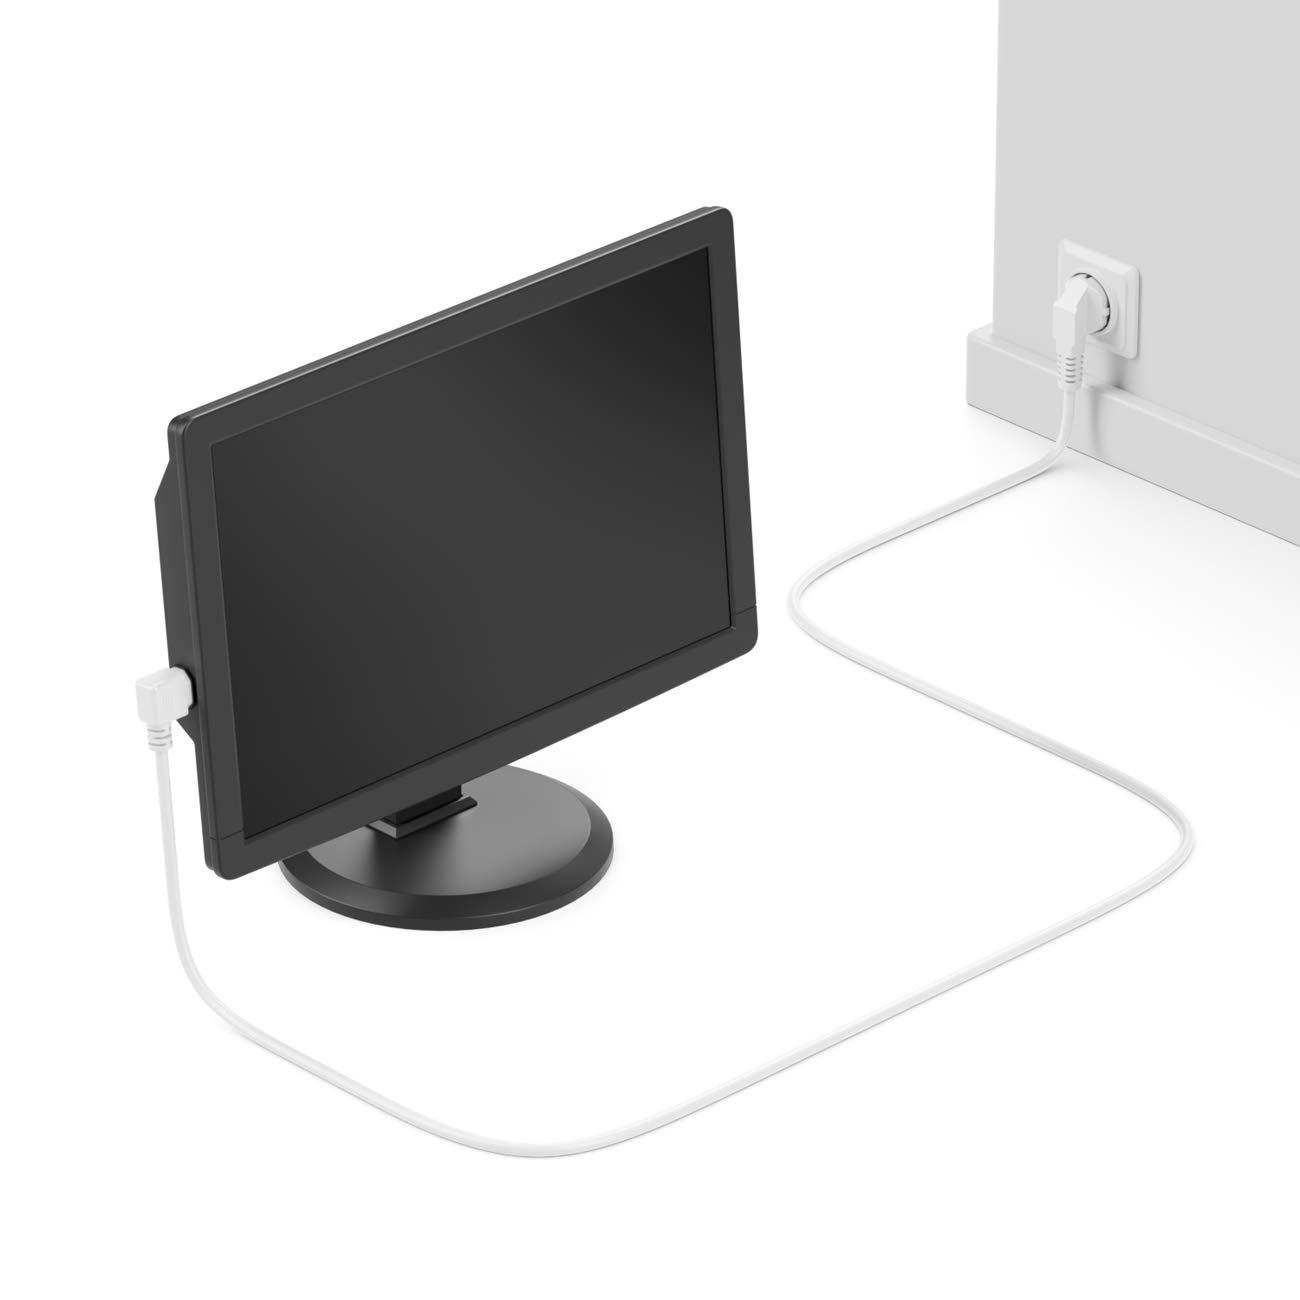 CEE 7//4 deleyCON 3m Cable de Alimentaci/ón a Prueba de Choques Enchufe Tipo F 90/° en /Ángulo en Toma de Entrada C13 Enchufe 90/° en /Ángulo Recto Personal Ordenador Monitor Impresora Beamer Blanco